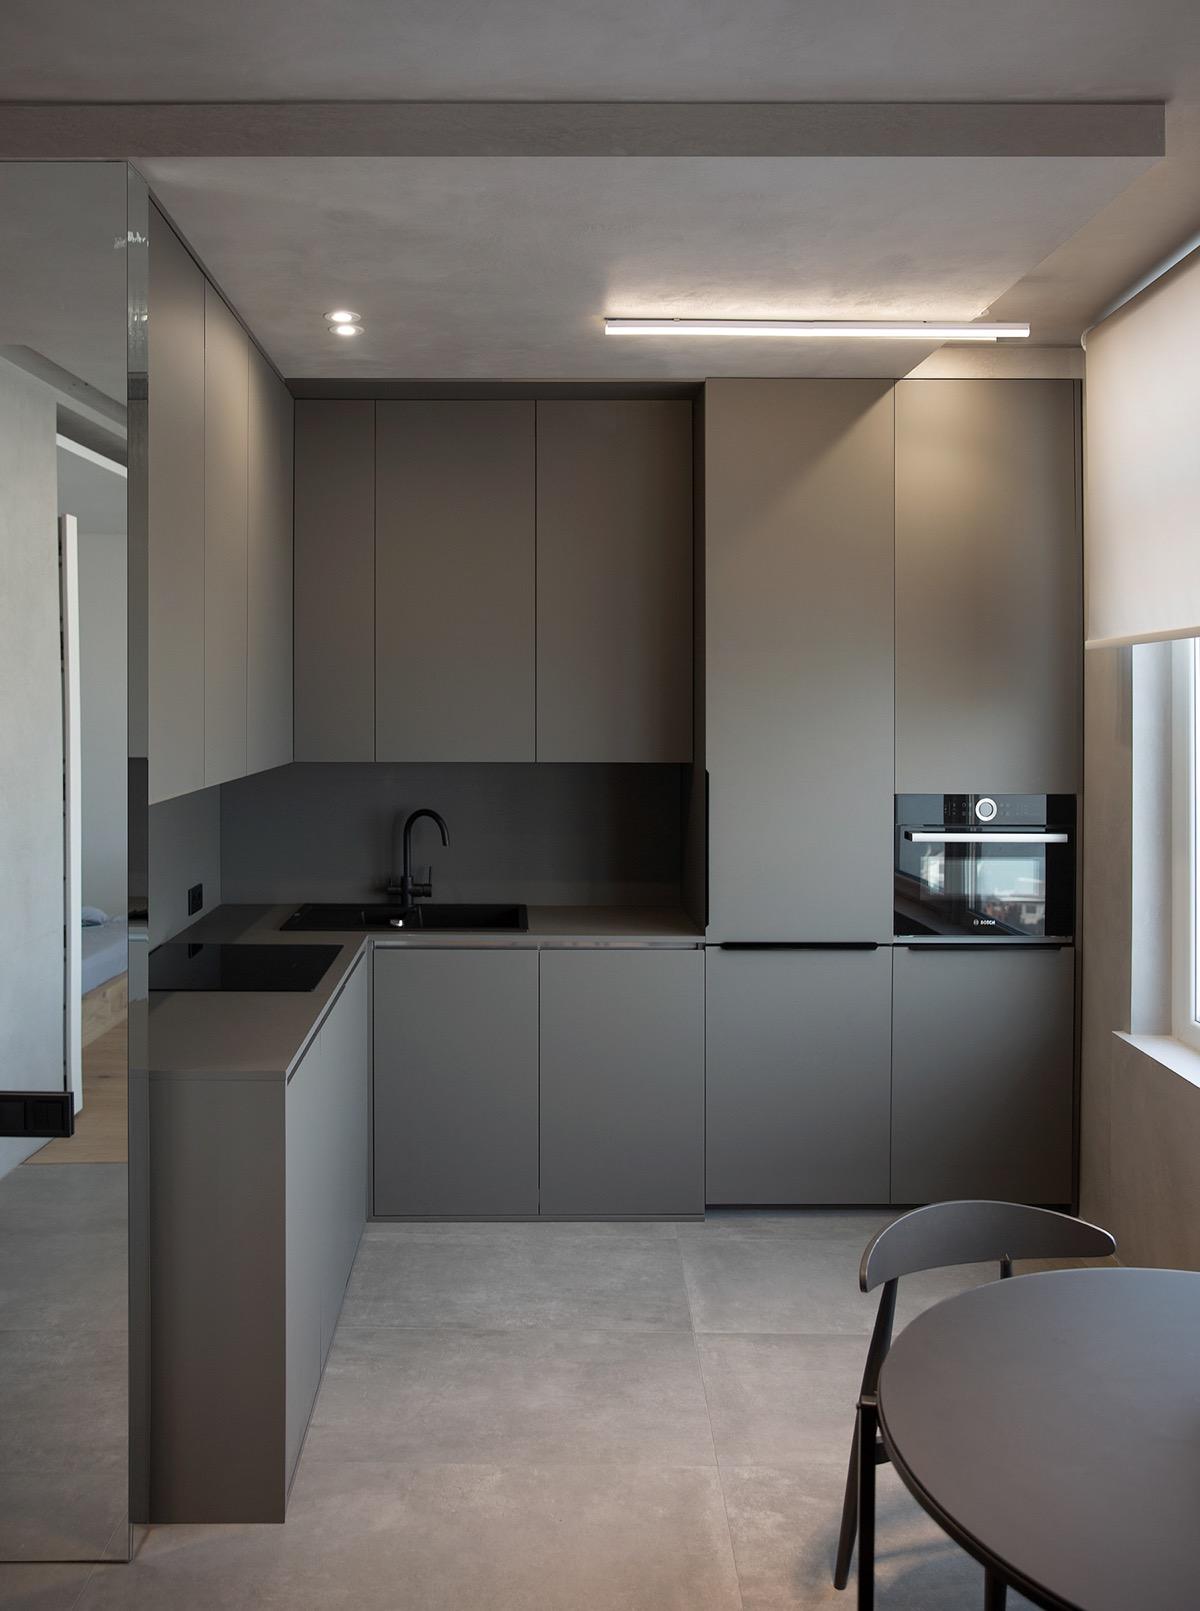 Come Arredare Una Cameretta Rettangolare arredare case piccole di 40 o 50 mq: progetti e idee per